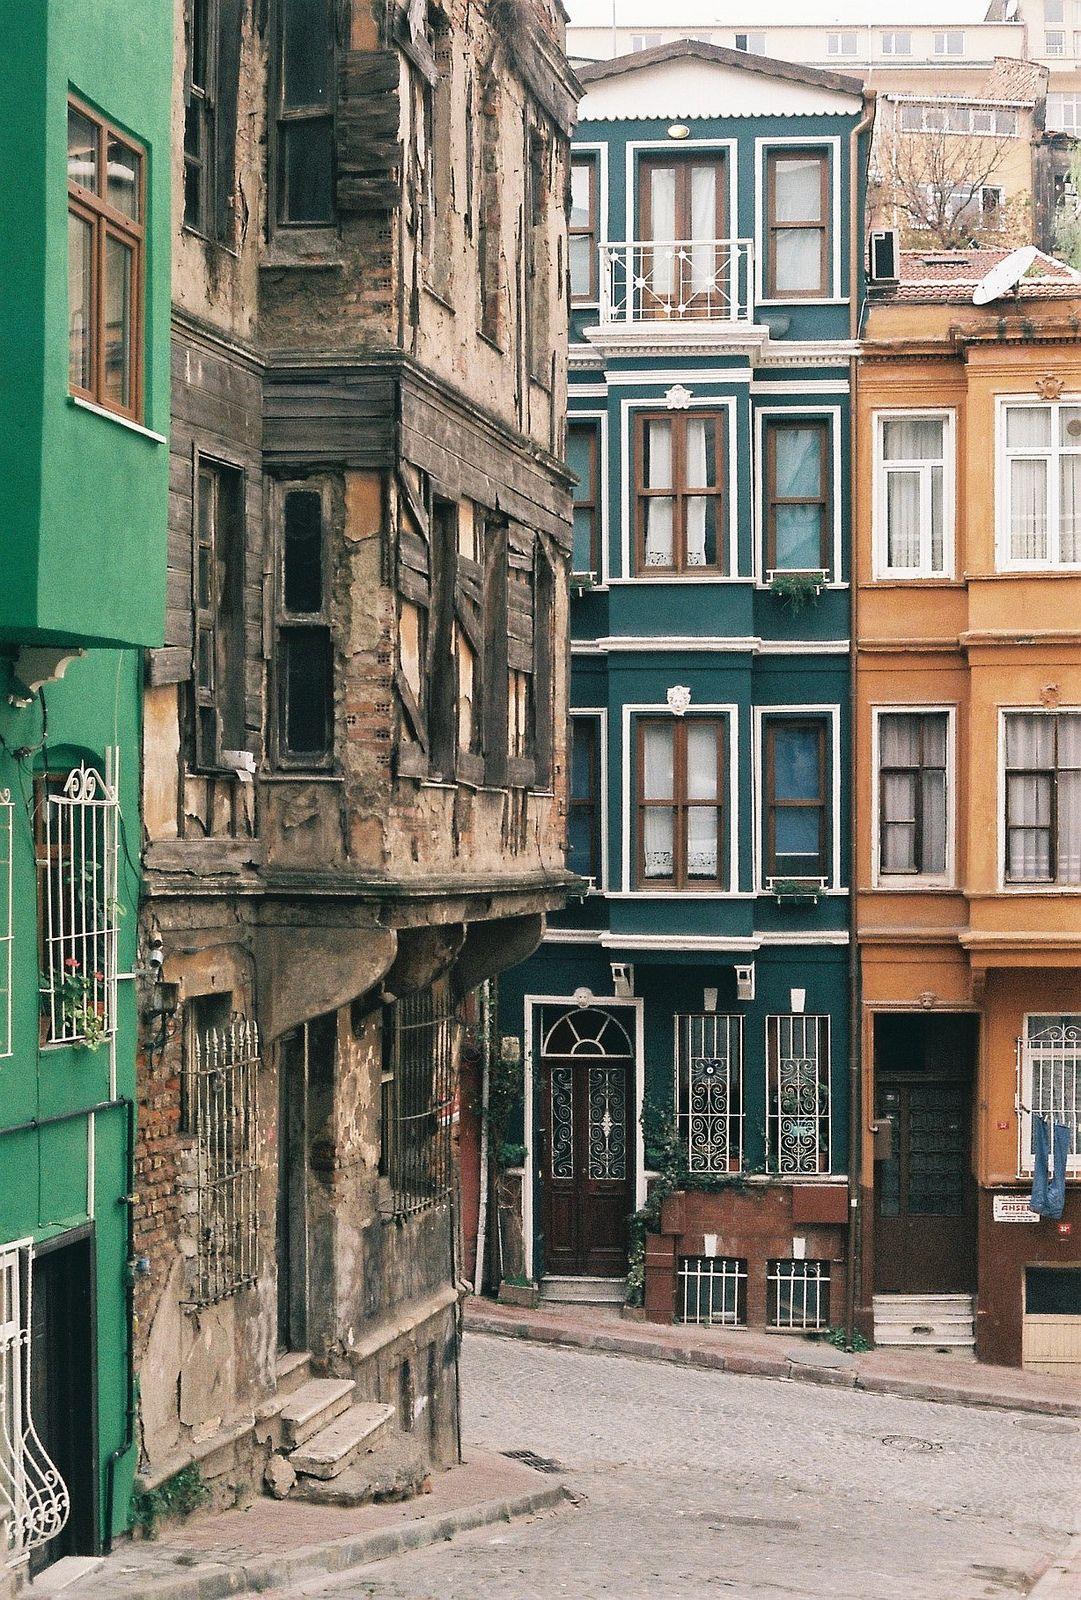 https://flic.kr/p/iGYjpT | Balat | Minolta x700 f/1.4 TUdor200 Fener-Balat/Istanbul